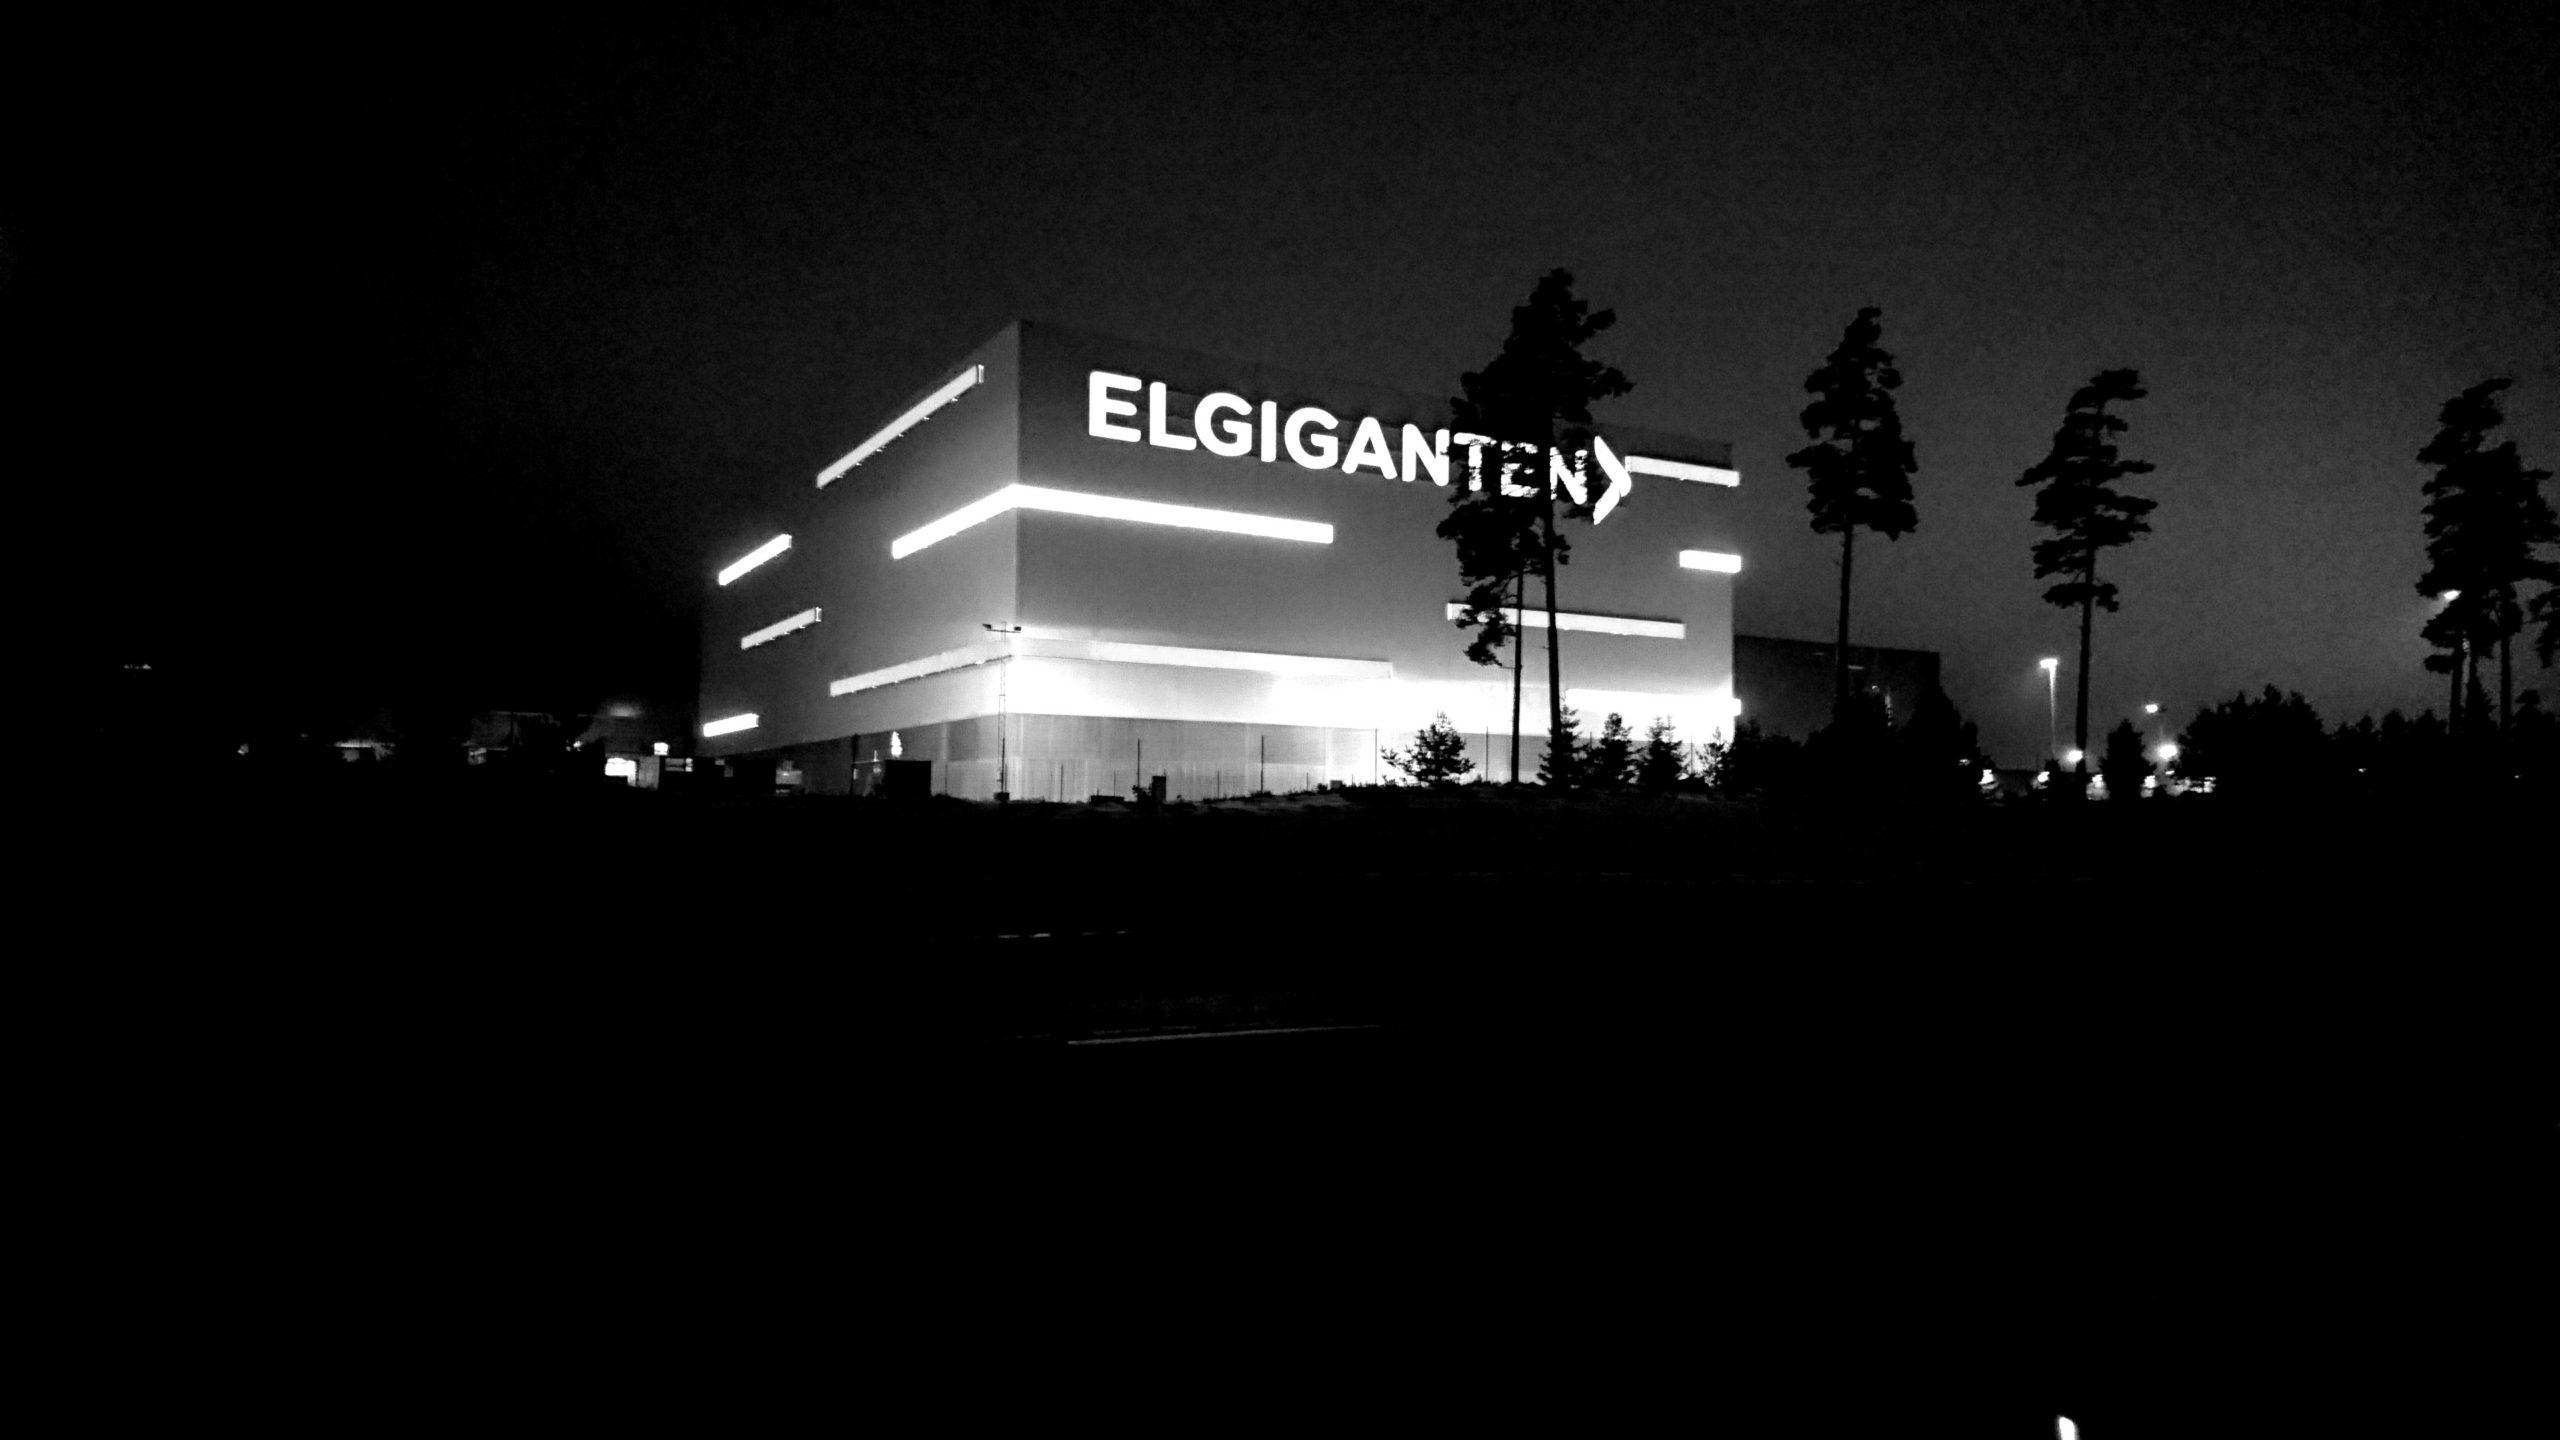 Skyltar, dukskyltar, Jönköping, Skyltlösningar, Fasadskylt, LEDskylt, belysta skyltar, skylt, profilskylt, profilbokstäver, 3dskyltar